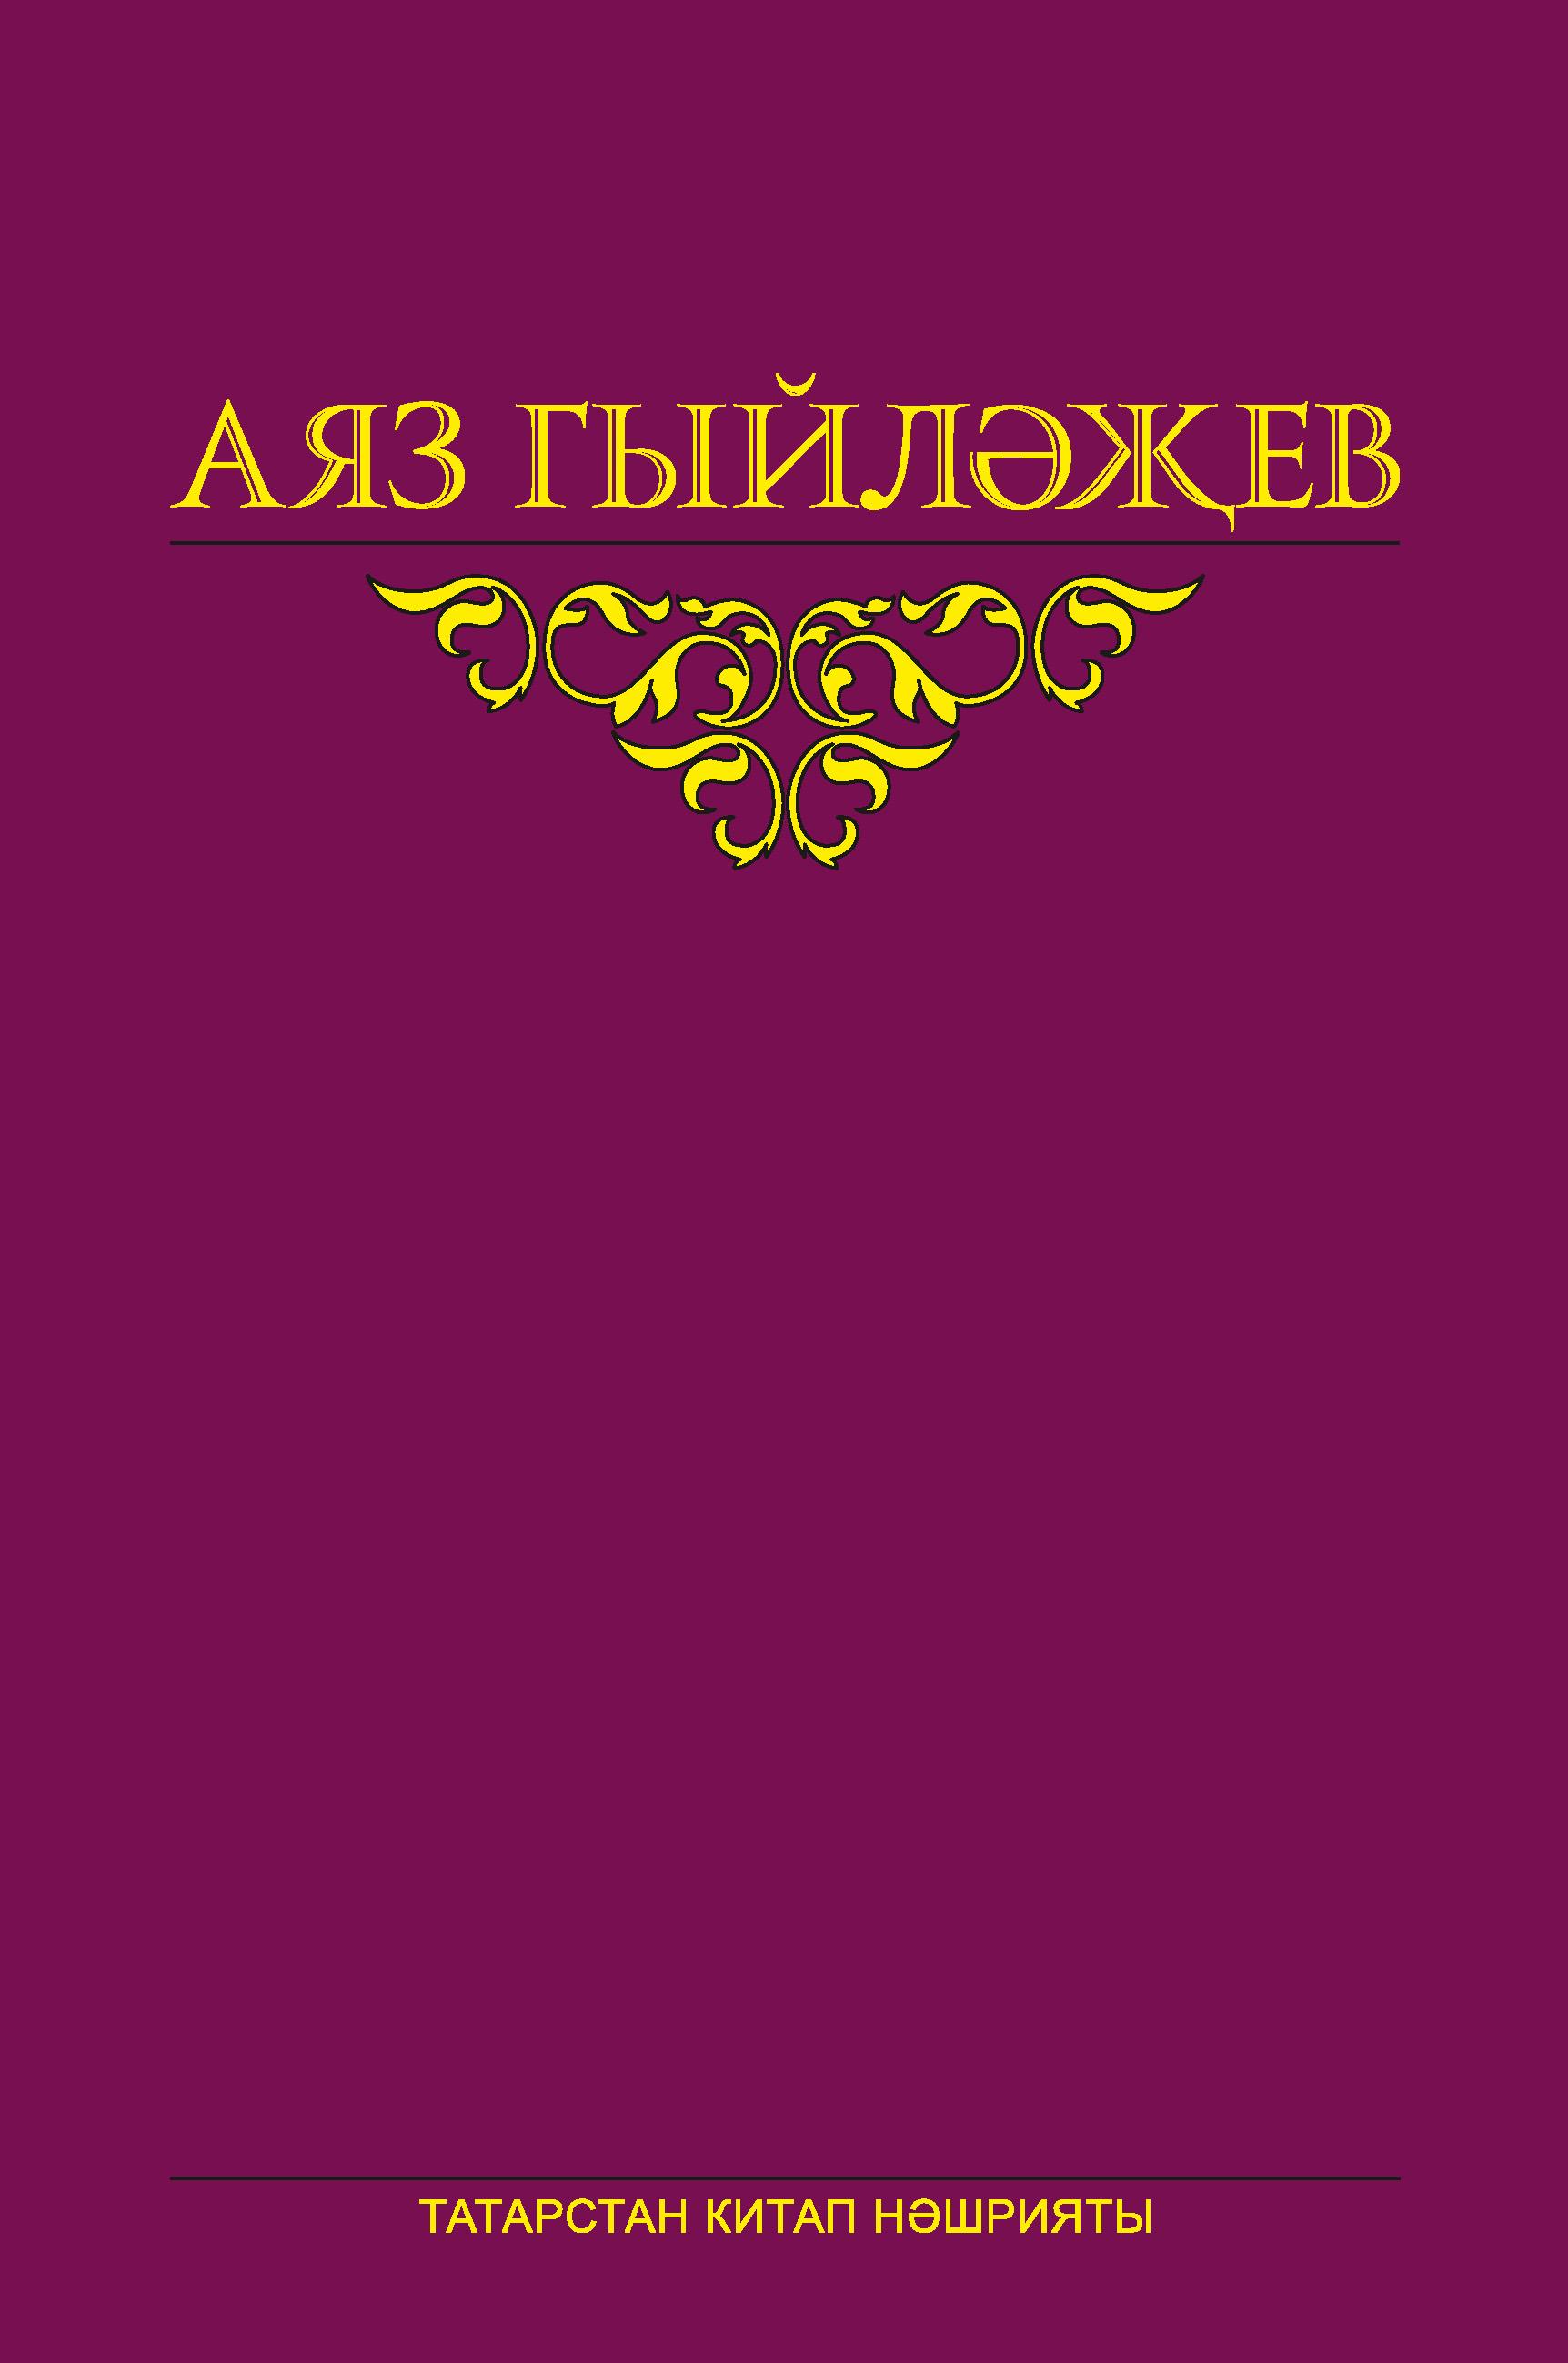 Аяз Гыйләҗев Сайланма әсәрләр. 4 том. Повесть, хикәяләр, әдәби тәнкыйть мәкаләсе, көндәлекләр, хатлар цены онлайн